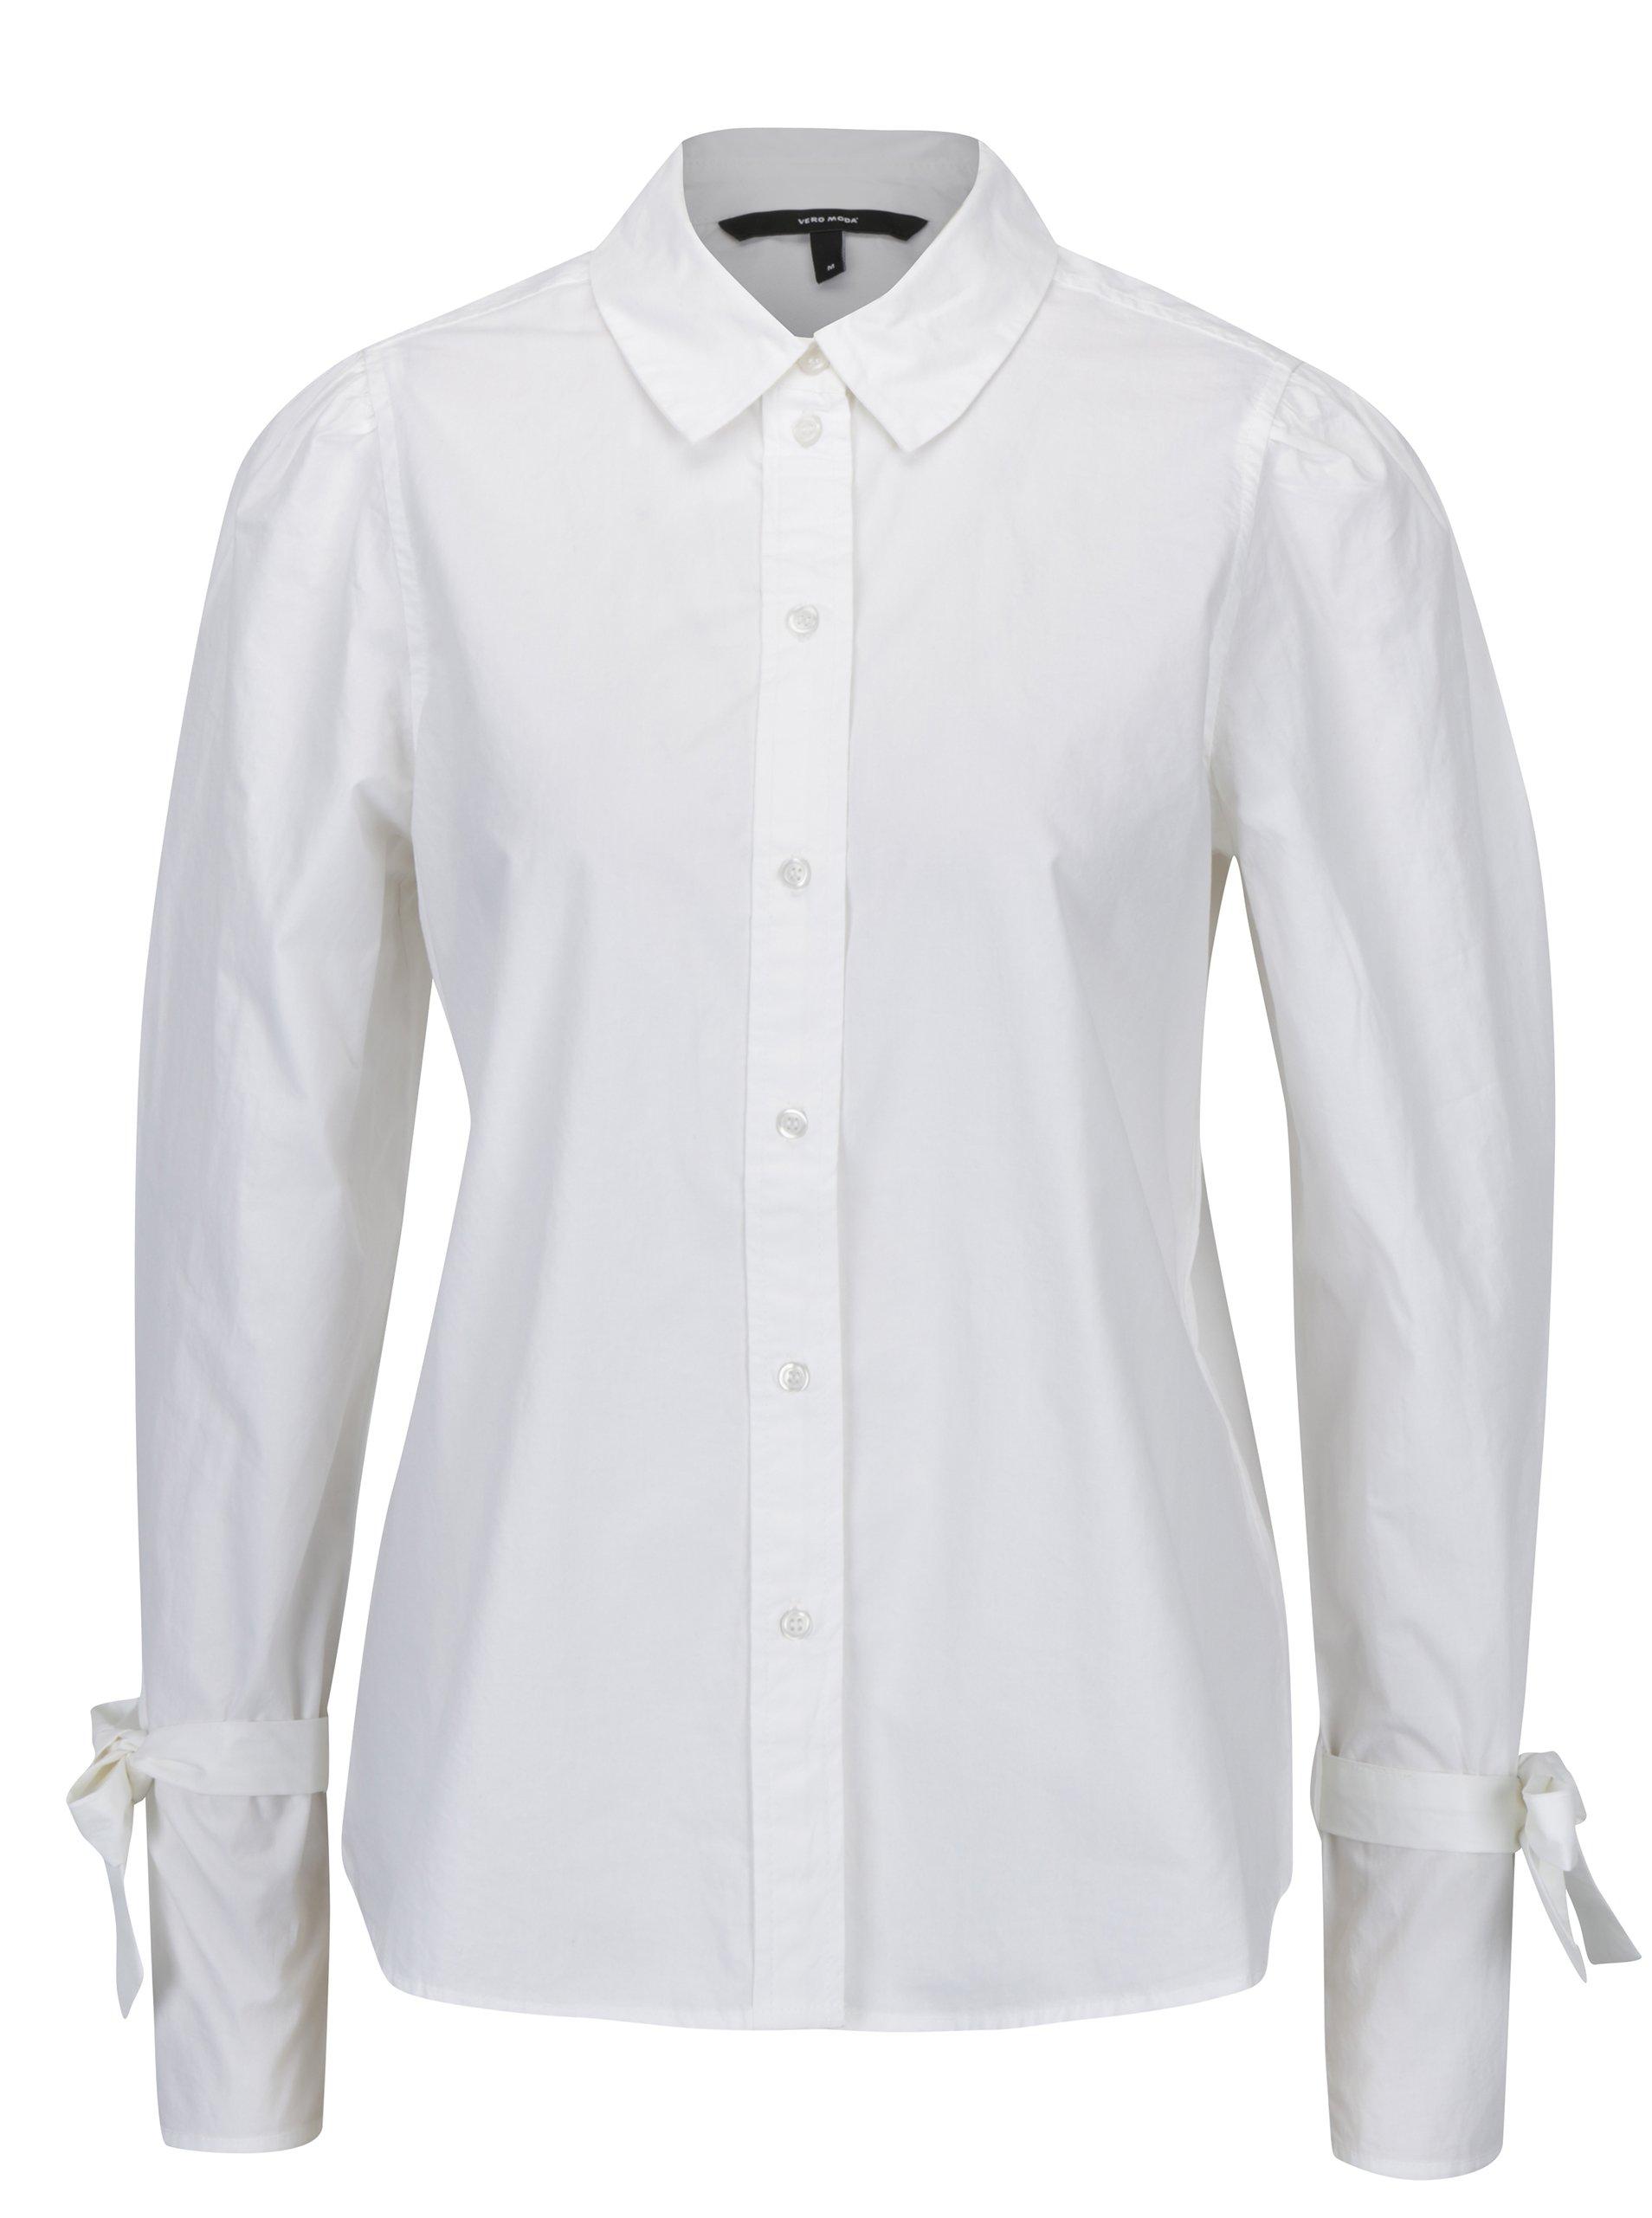 Bílá košile se zavazováním na rukávech VERO MODA Juljane